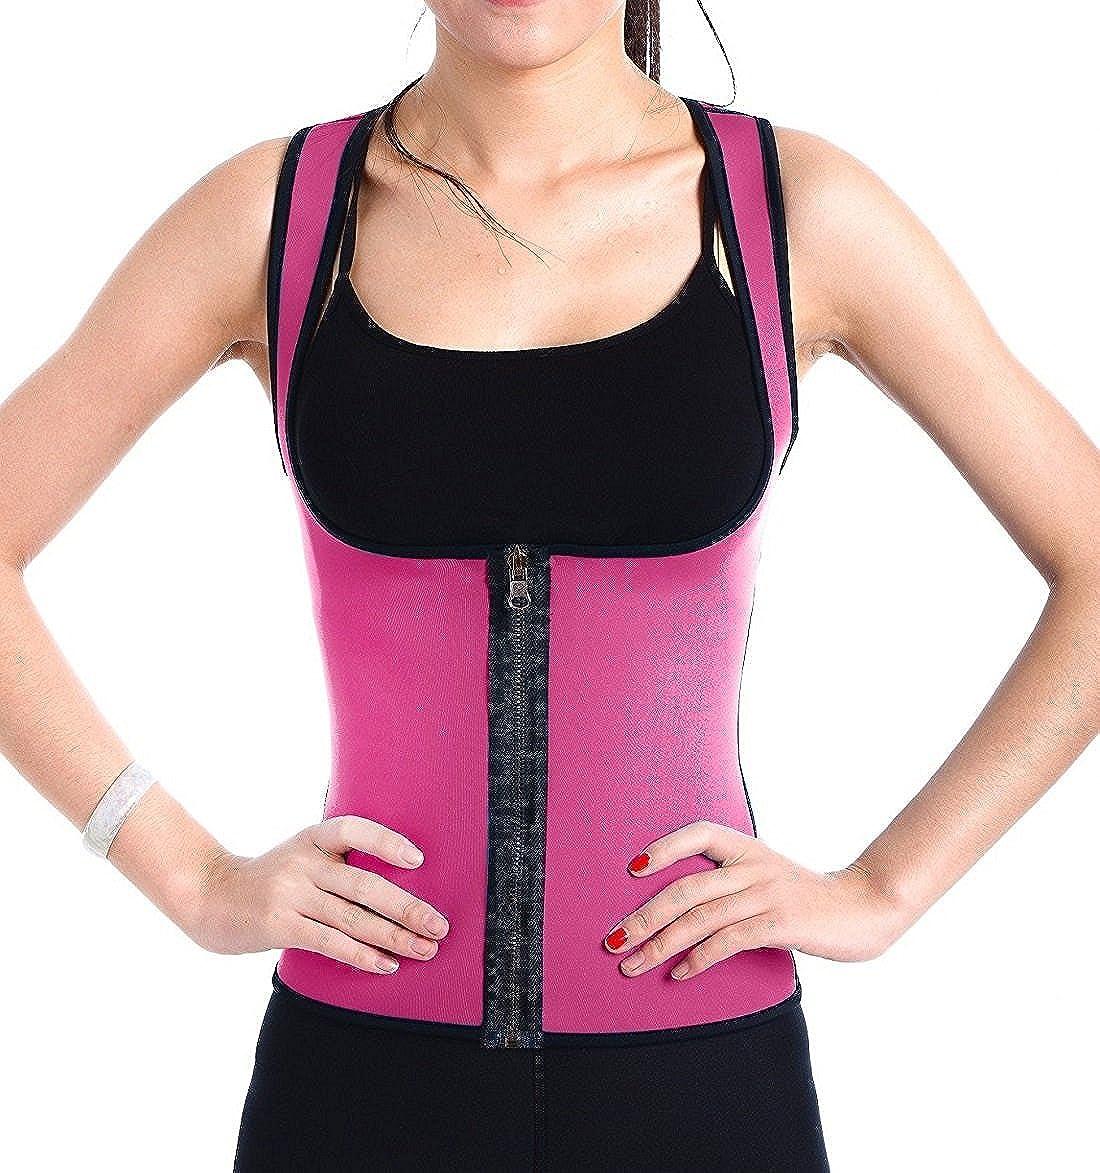 DODOING Slimming Neoprene Sweat Sauna Suit Sauna Tank Top Waist Cincher Vest for Women